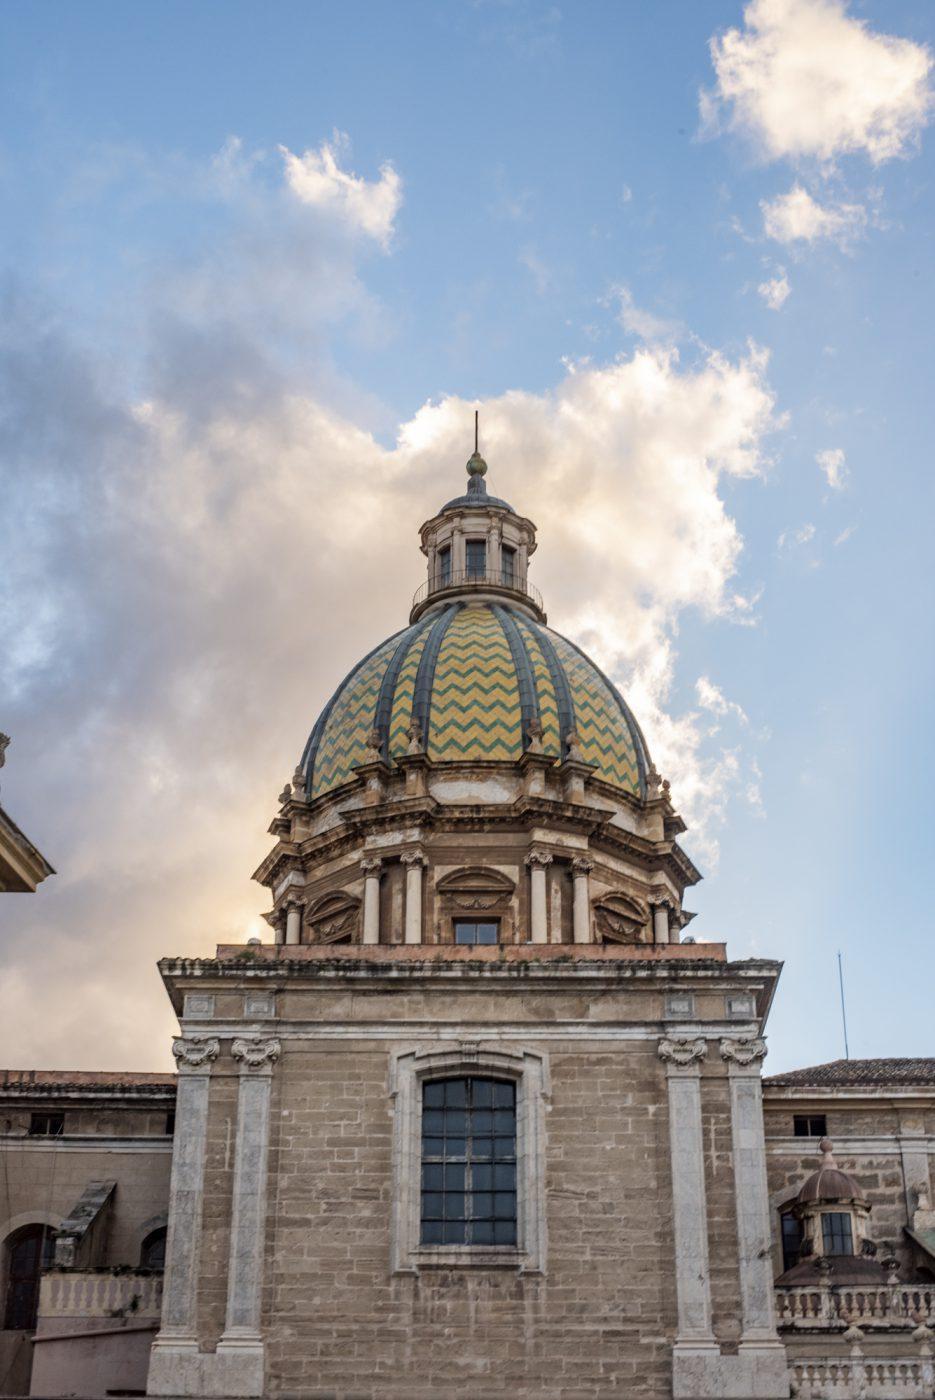 Palermo Antica Focacceria del Massimo: The beauty in the chaos